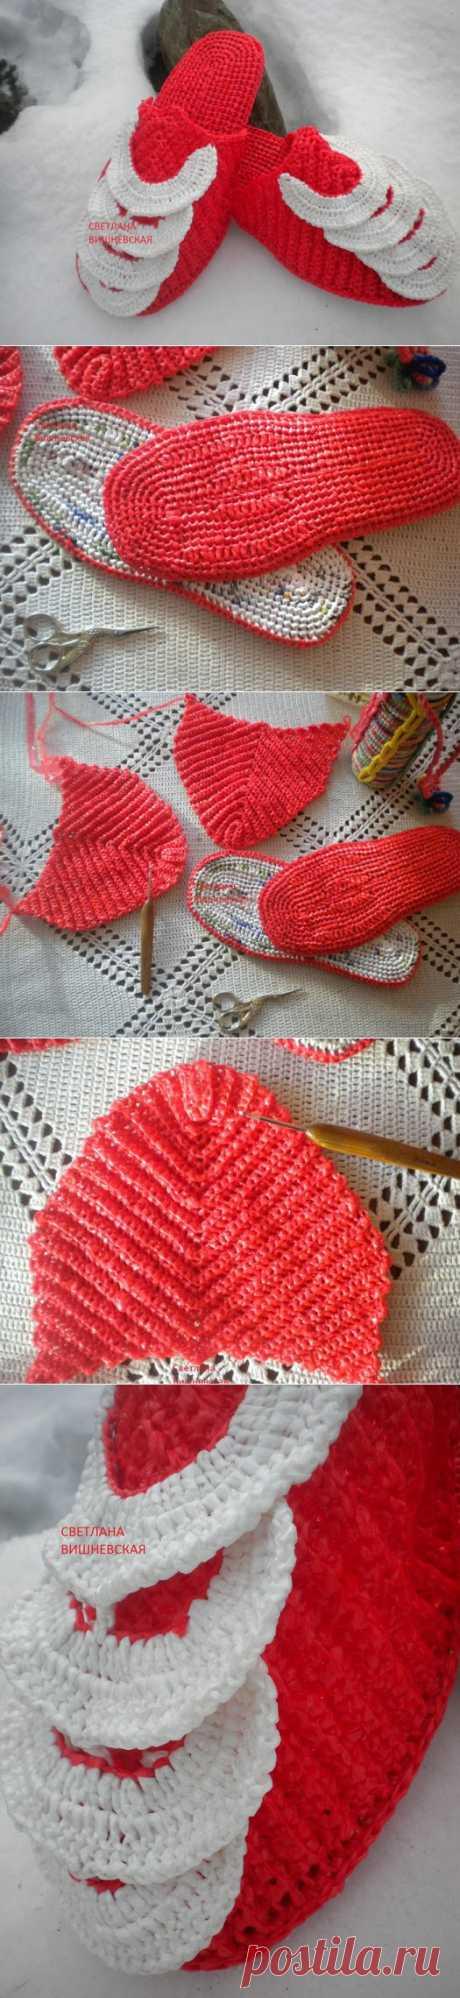 МК . Красные шлёпки - тапки . Вязание из пакетов ..